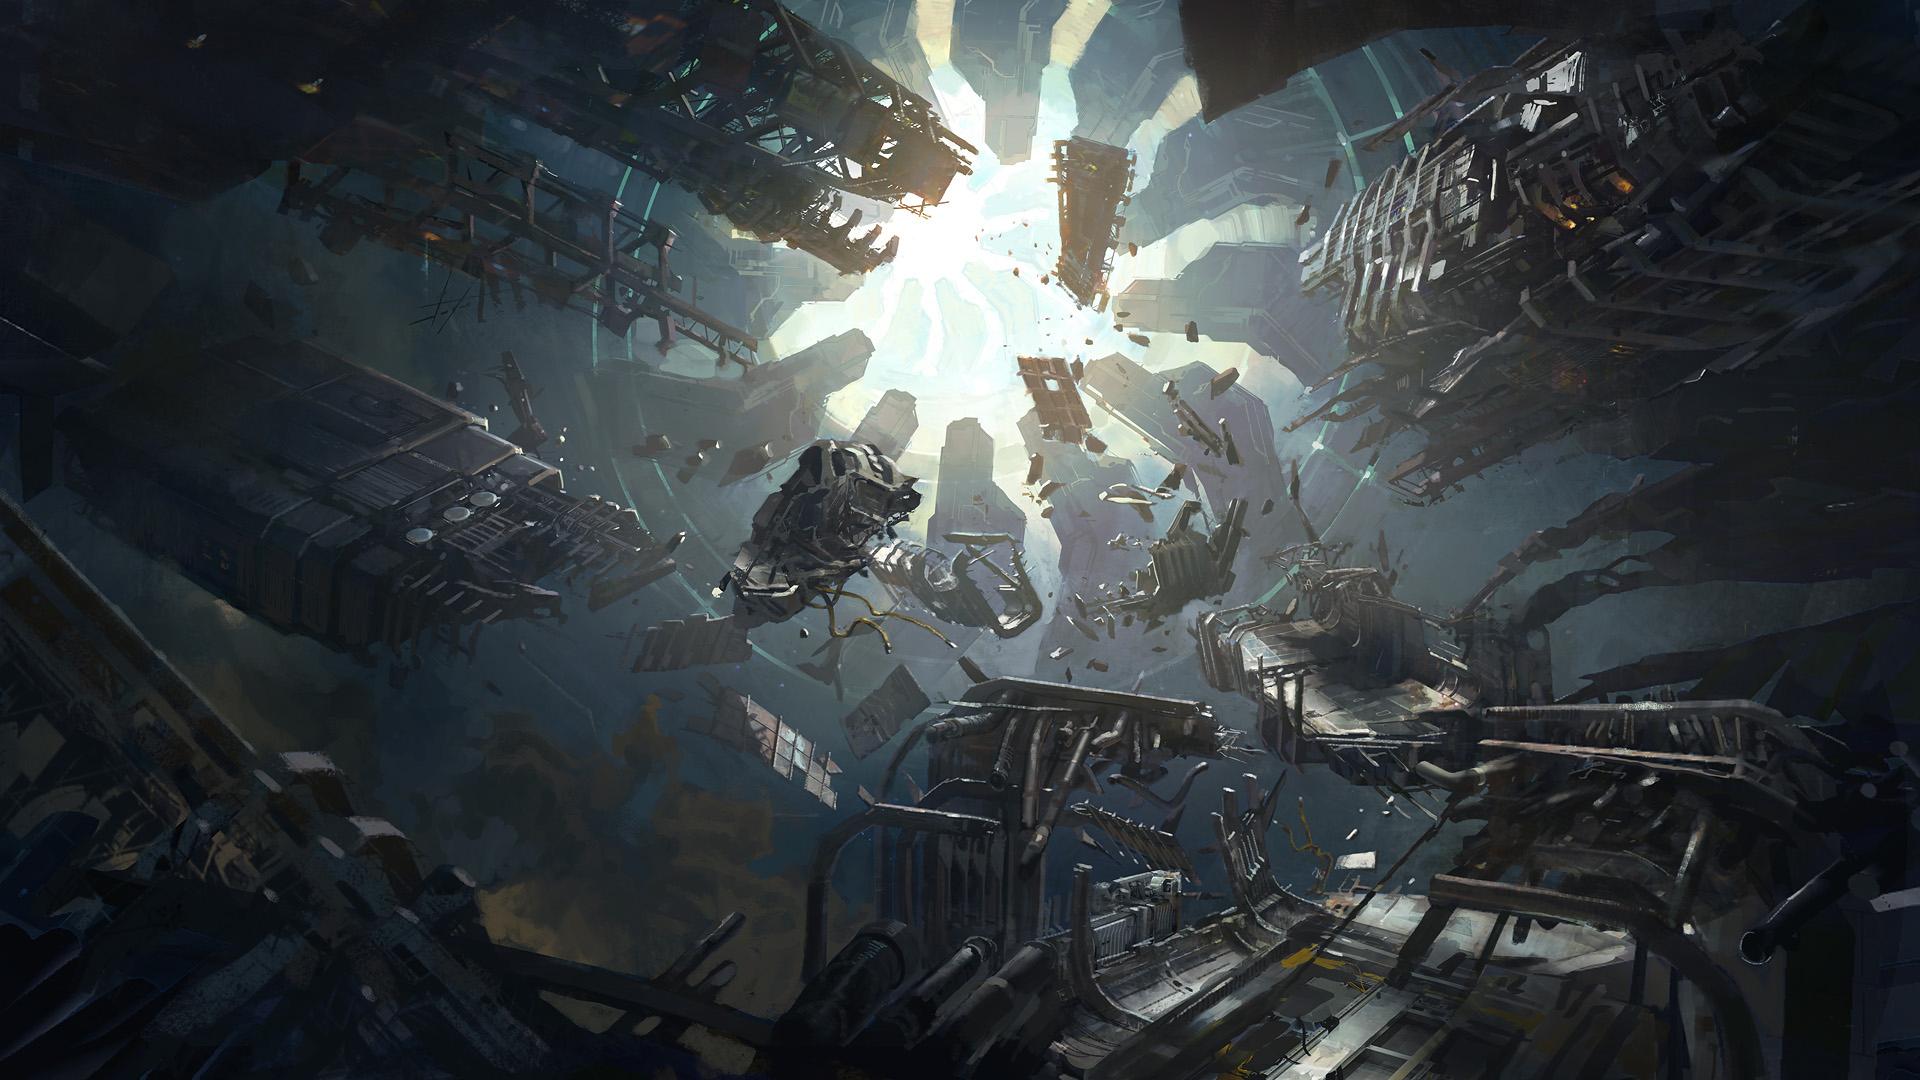 Wallpaper Geometry Lemma Assassin S Creed Dead Space